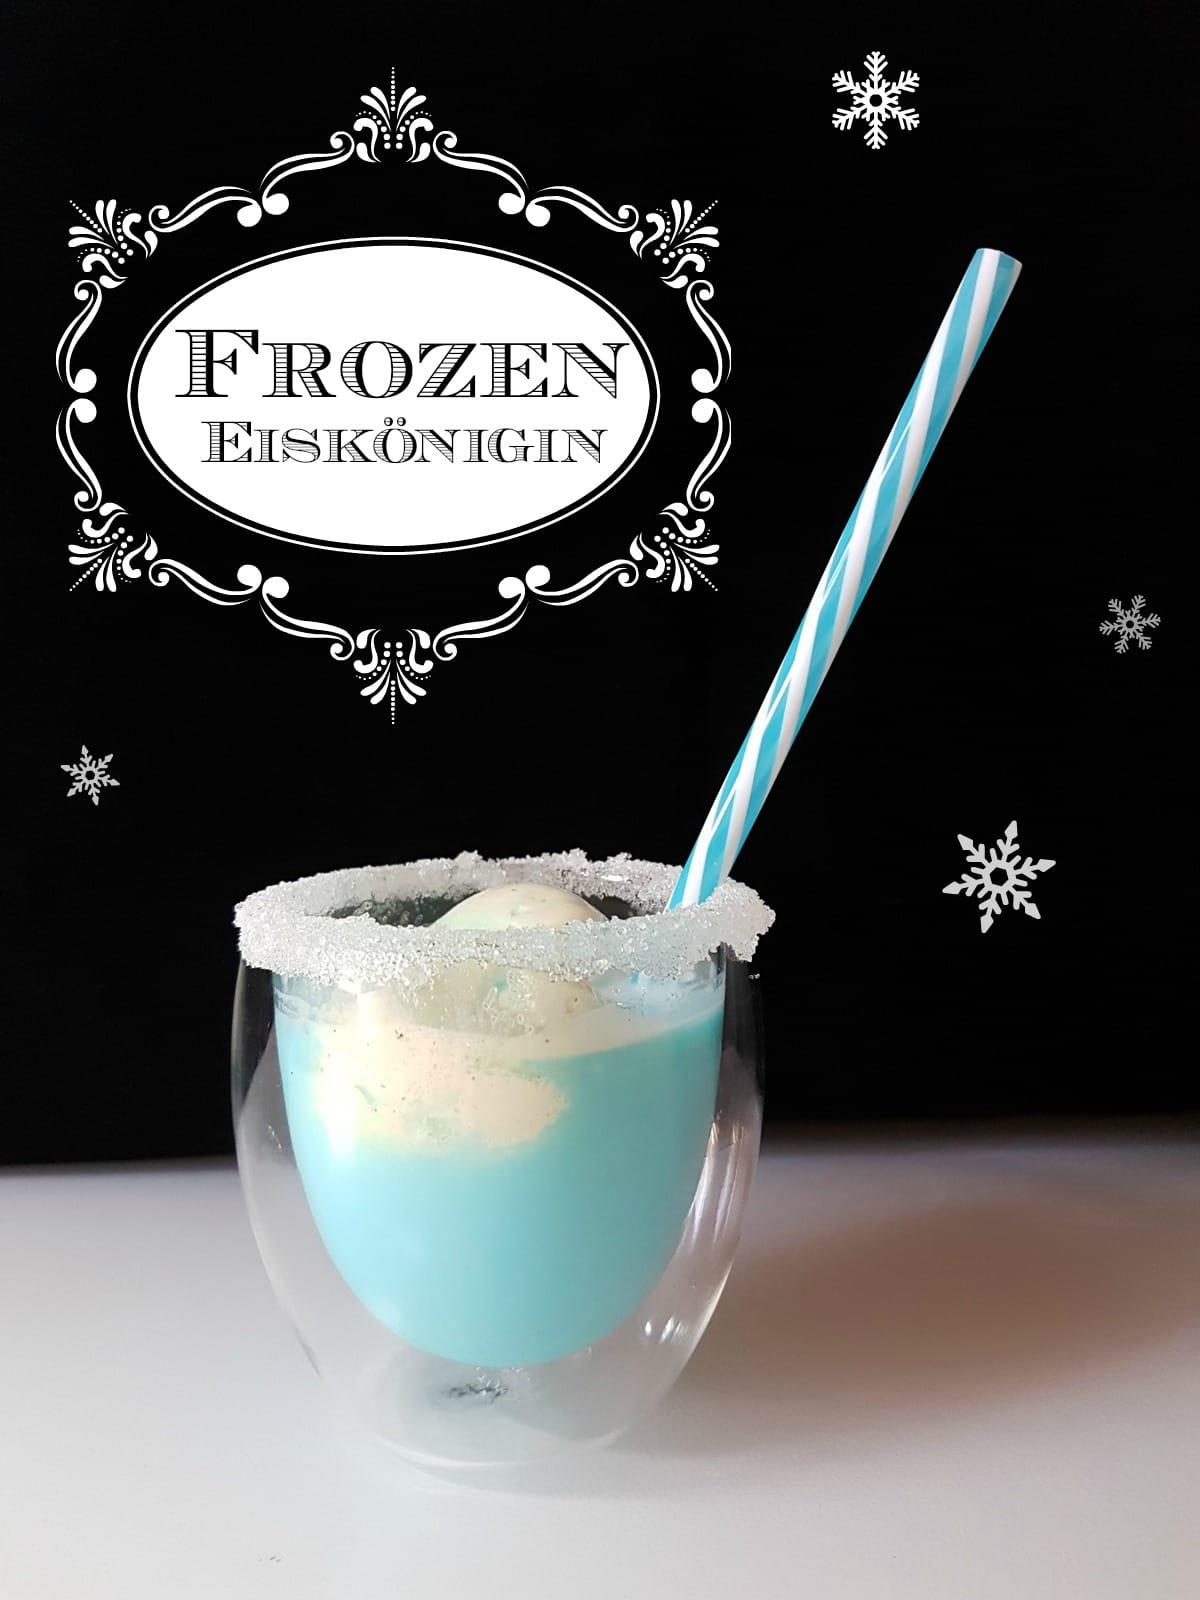 Du planst einen Kindergeburtstag oder eine Frozen Eiskönigin Mottoparty? Mein Eiskönigin Rezept-Tipp: Blauer Frozen Kindercocktail mit Vanilleeis. Zum Rezept